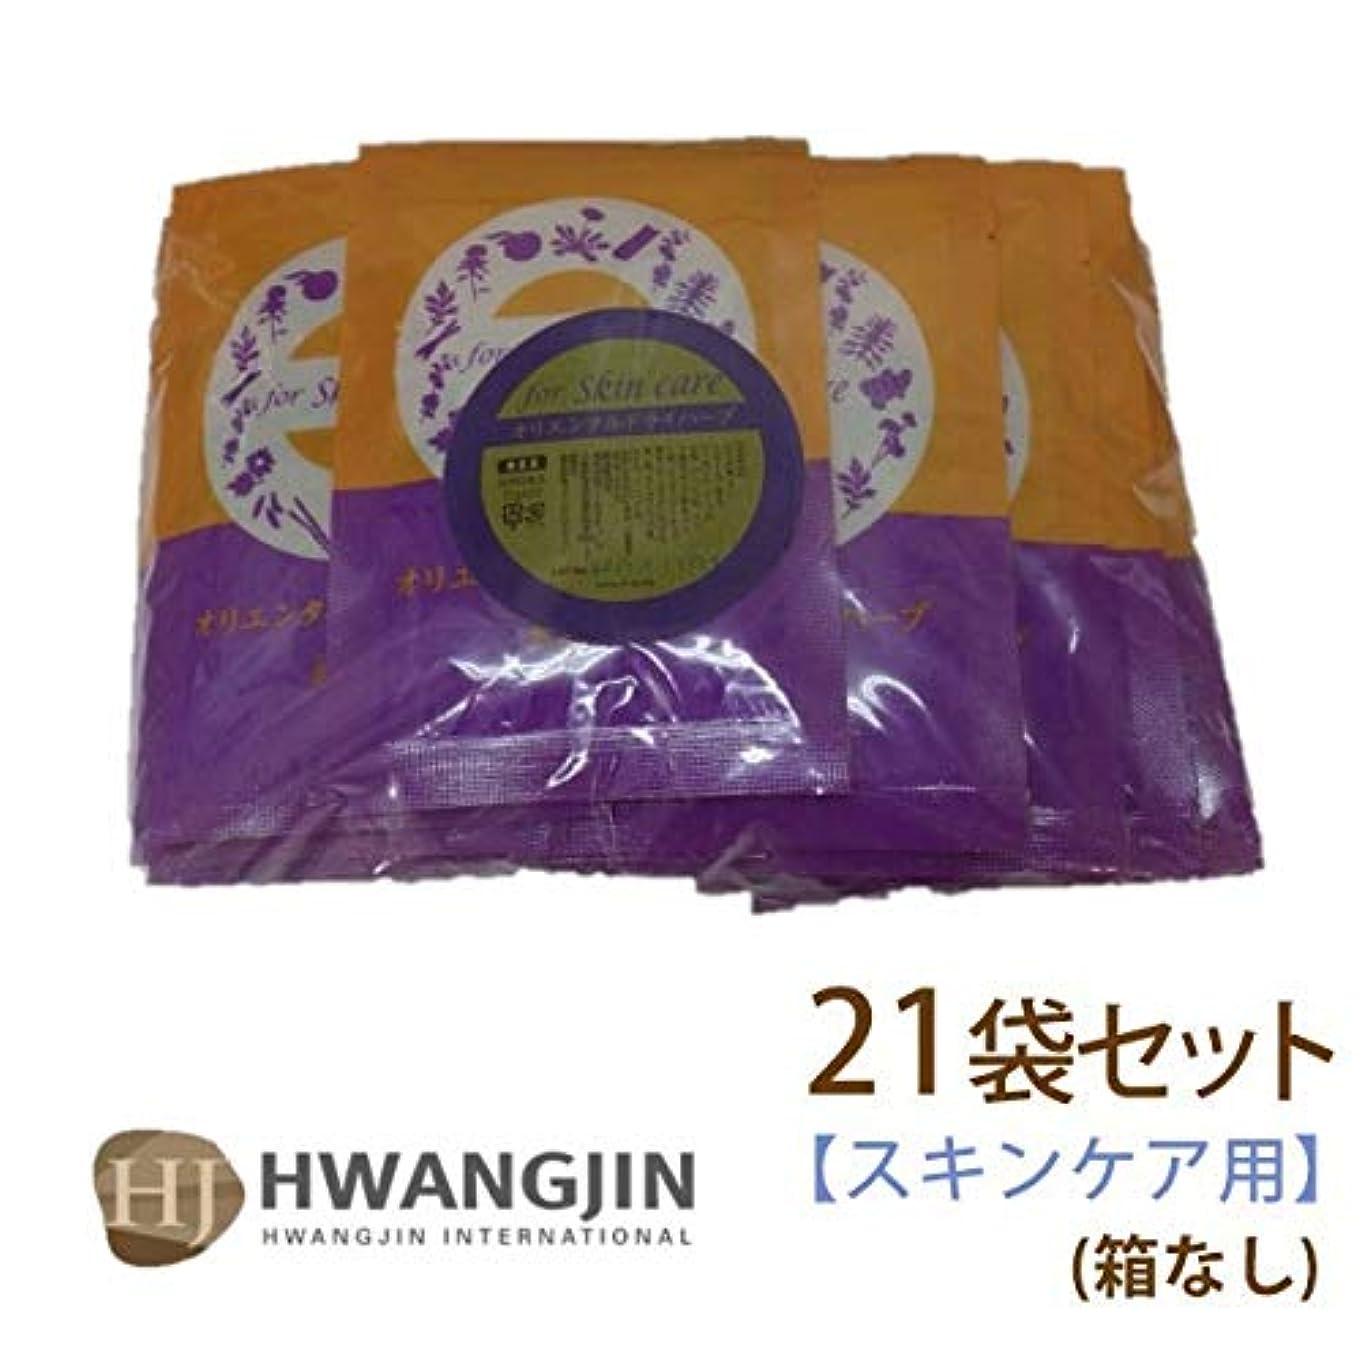 演じる契約感染するファンジン黄土 座浴剤 21袋 箱無し 正規品 (皮膚美容用 21袋)